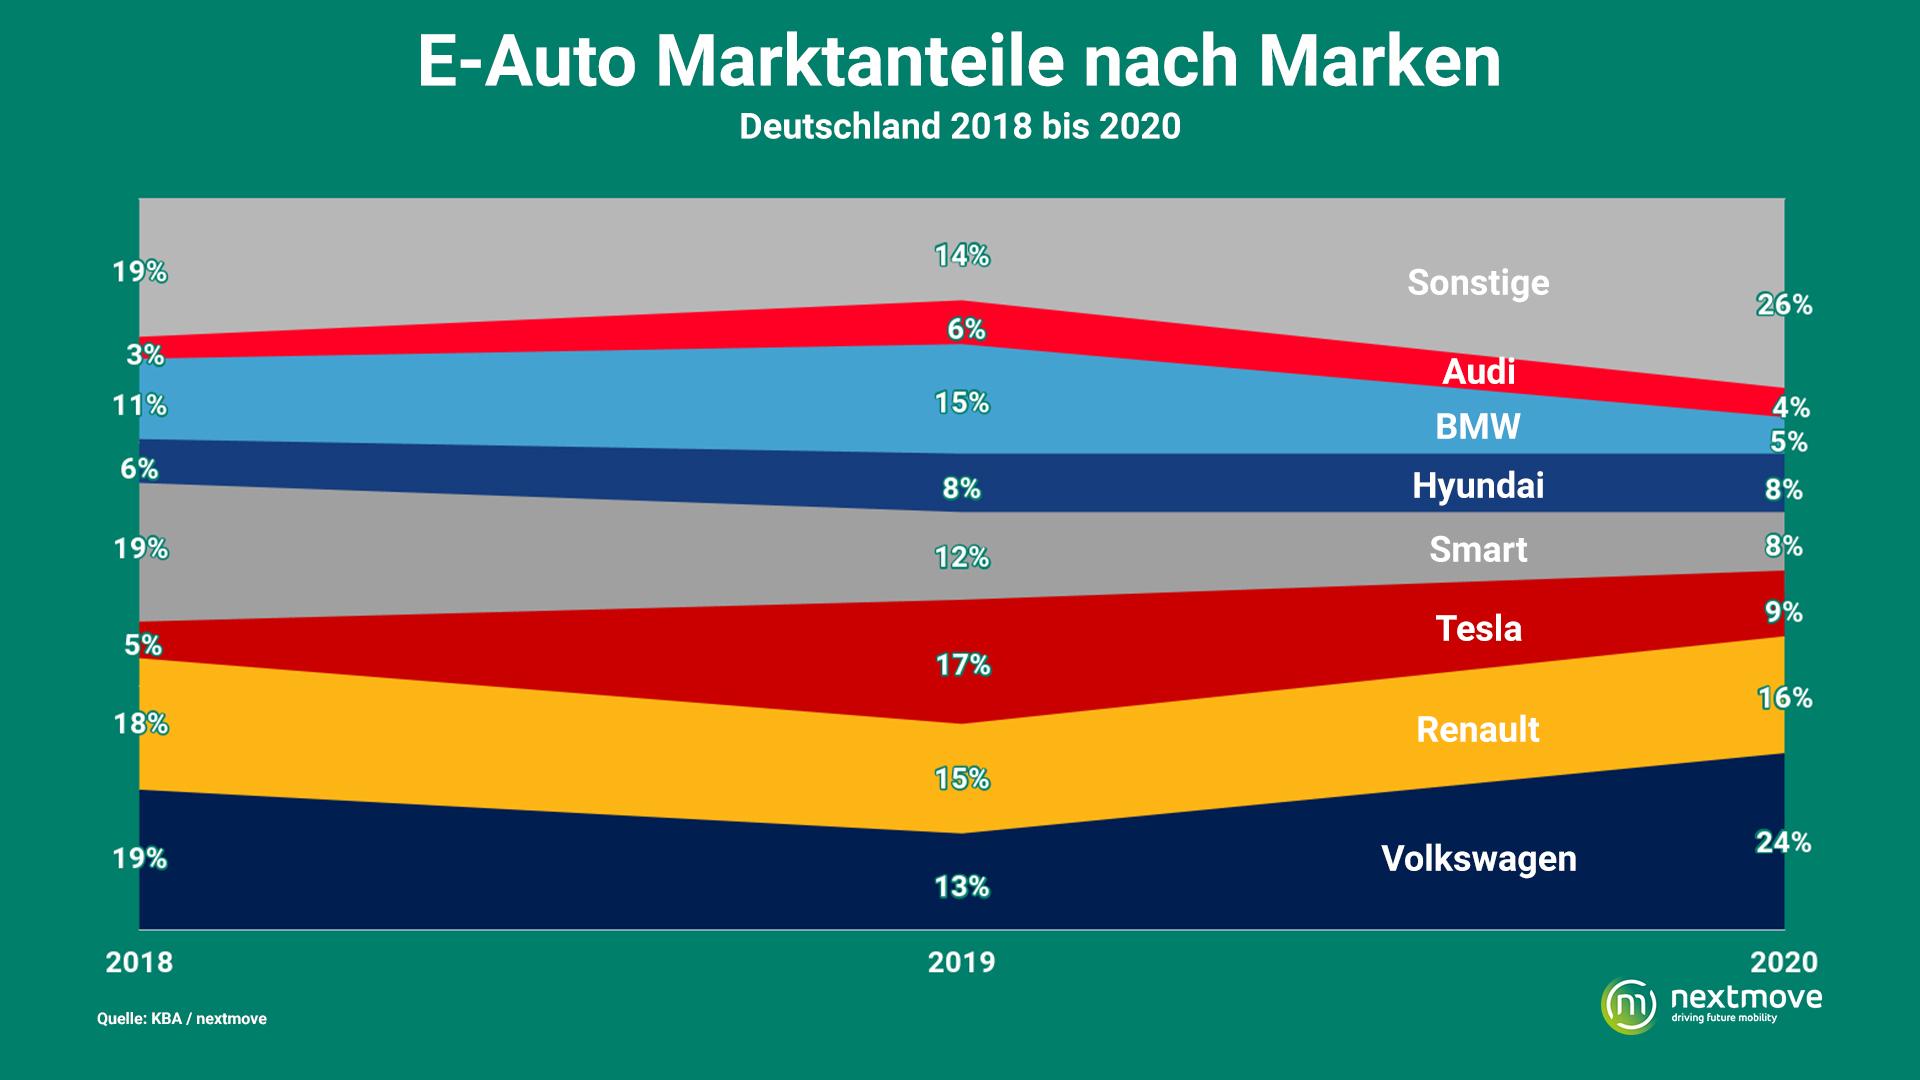 Elektroauto Marktanteile 2018 bis 2020